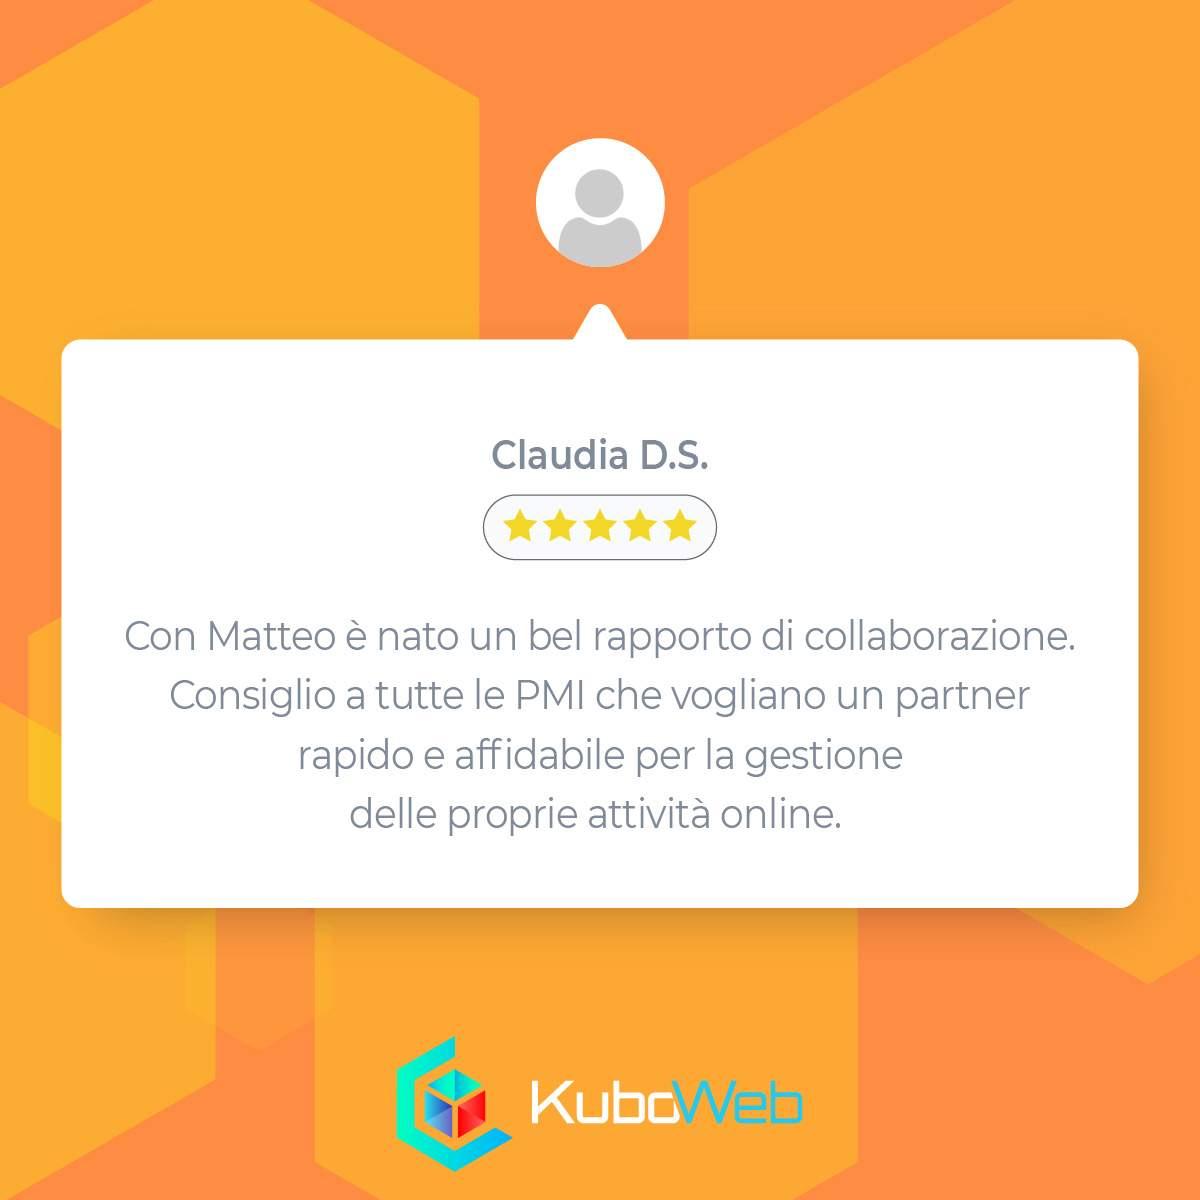 claudia-ds